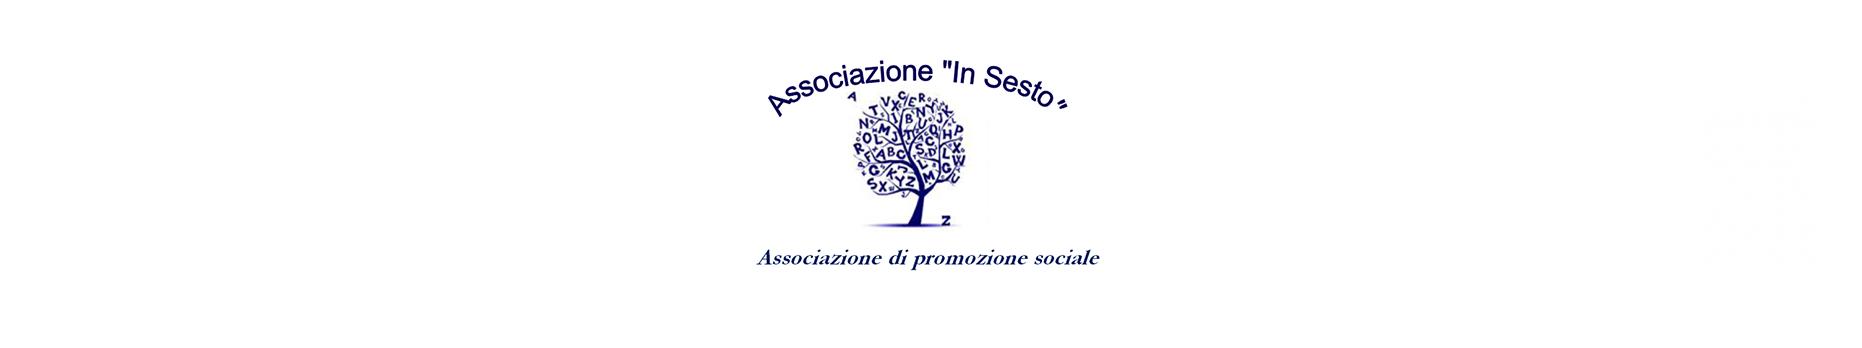 Associazione In Sesto logo